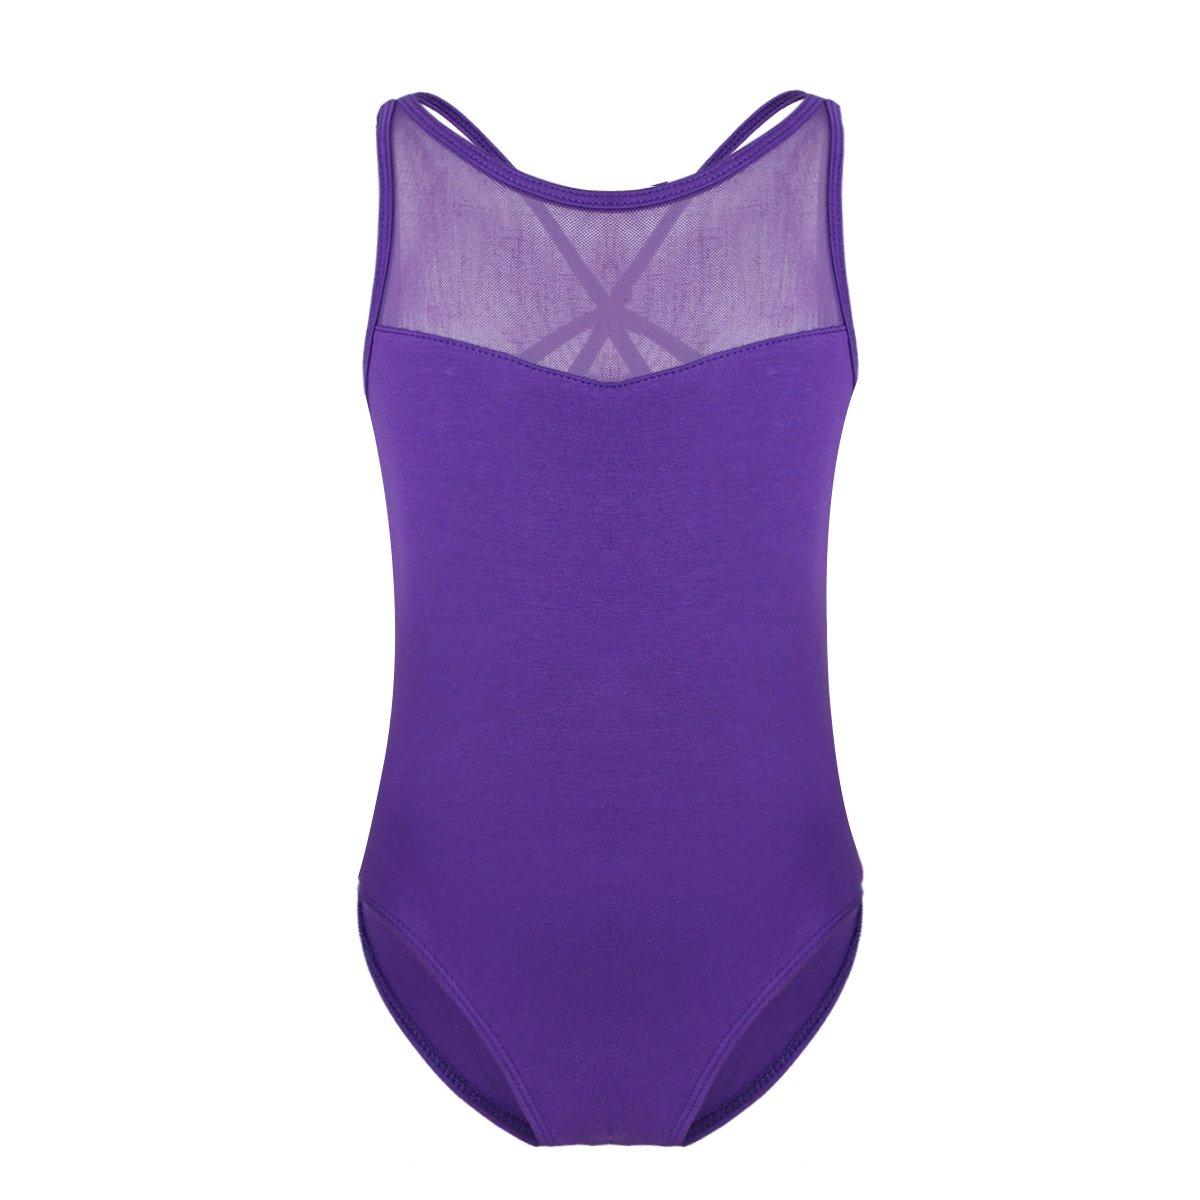 iiniim SOCKSHOSIERY ガールズ B07G779W7Y 5 / 6|Criss Cross Purple Criss Cross Purple 43591